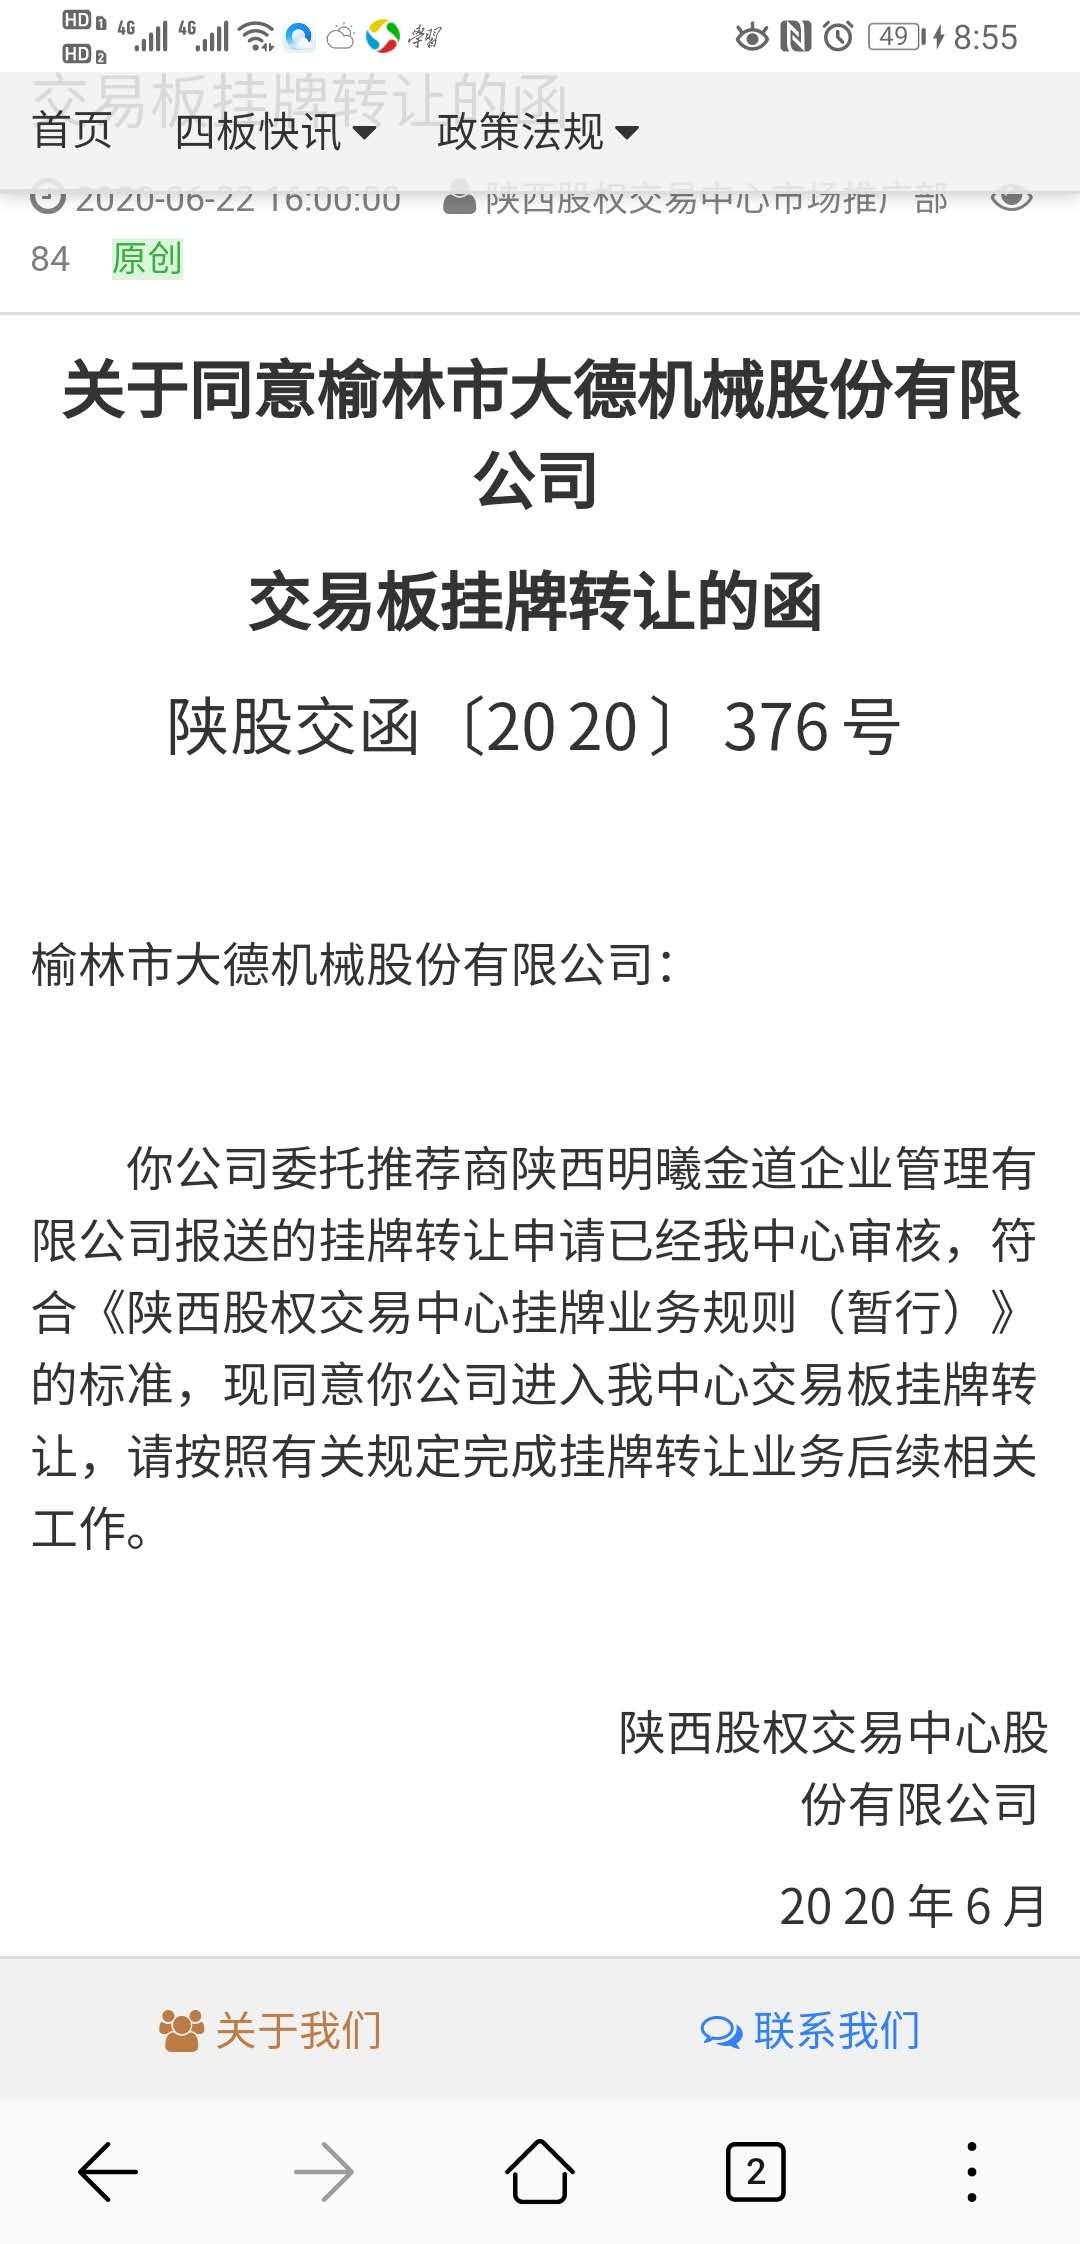 榆林市大德机械股份有限公司挂牌转让函